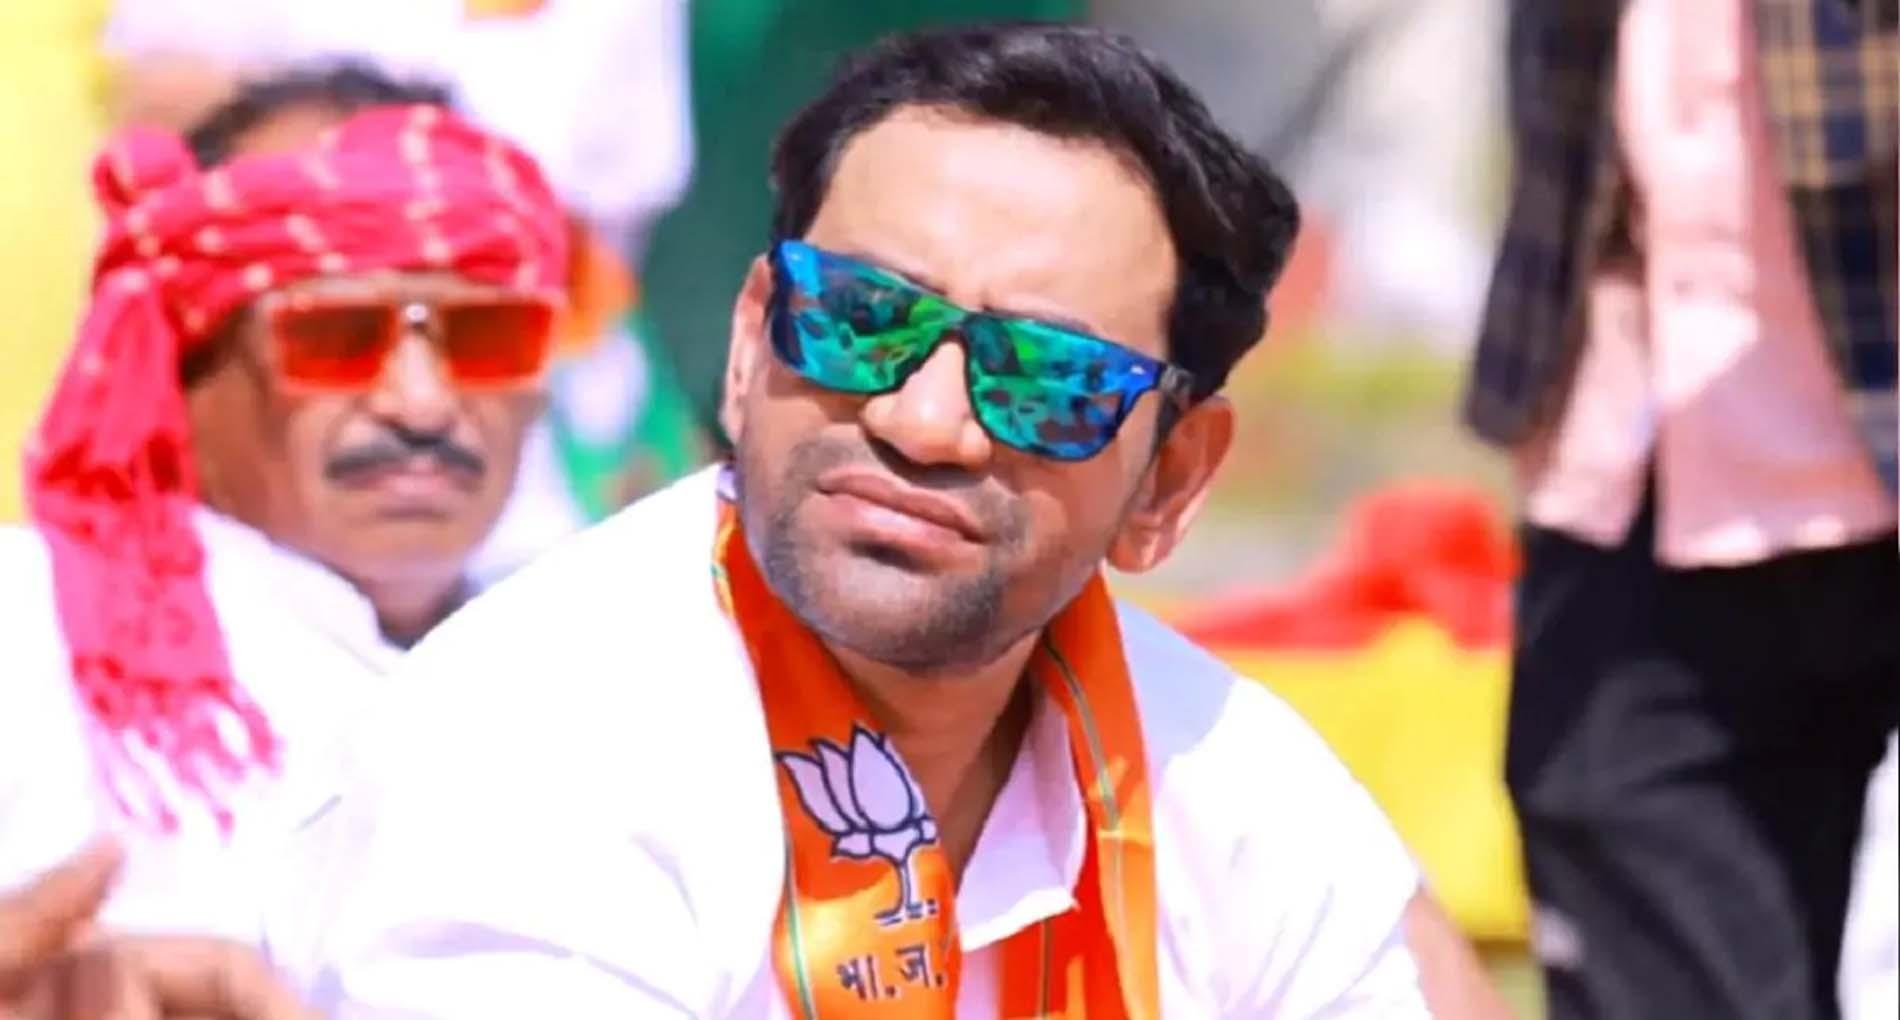 Nirahua Bhojpuri Holi Song: होली के मौके पर निरहुआ का राजनीतिक गाना हुआ वायरल! देखें वीडियो